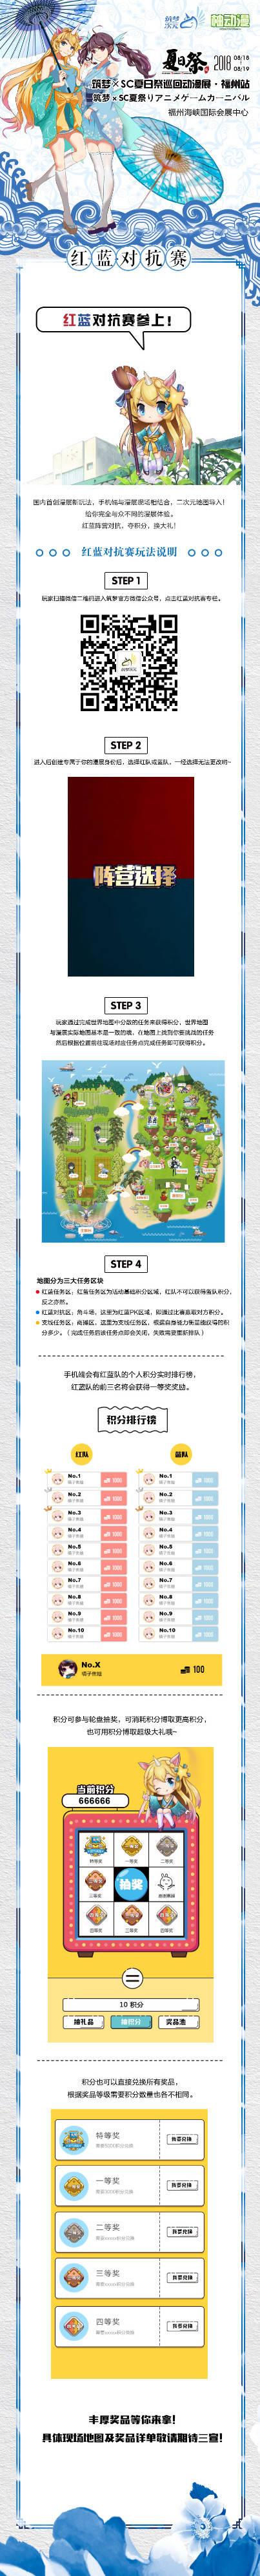 【福州】 筑梦xSC夏日祭全国巡回动漫展福州站-ANICOGA